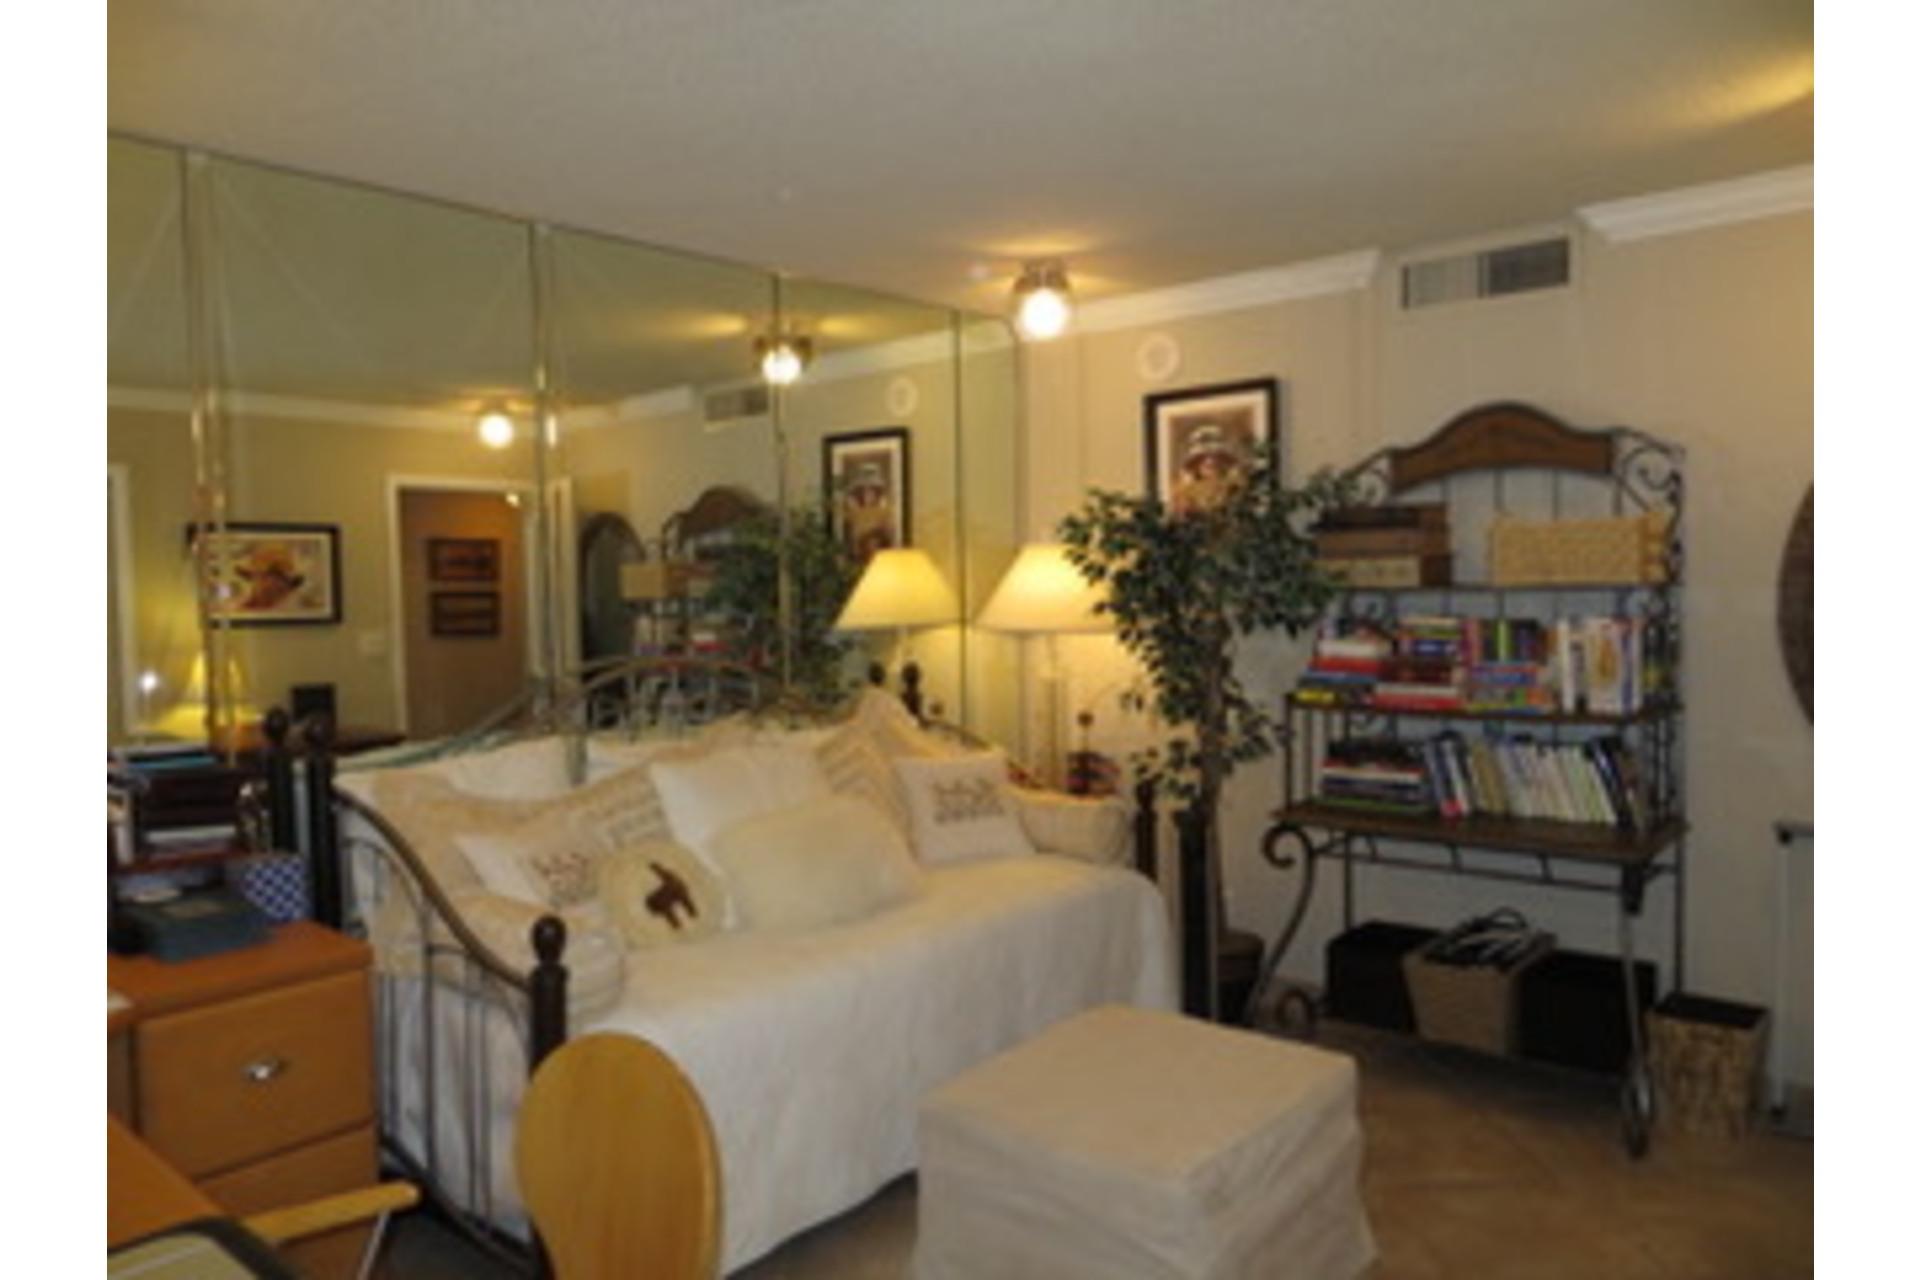 image 18 - Condo Short rental Hallandale Beach - 6 rooms